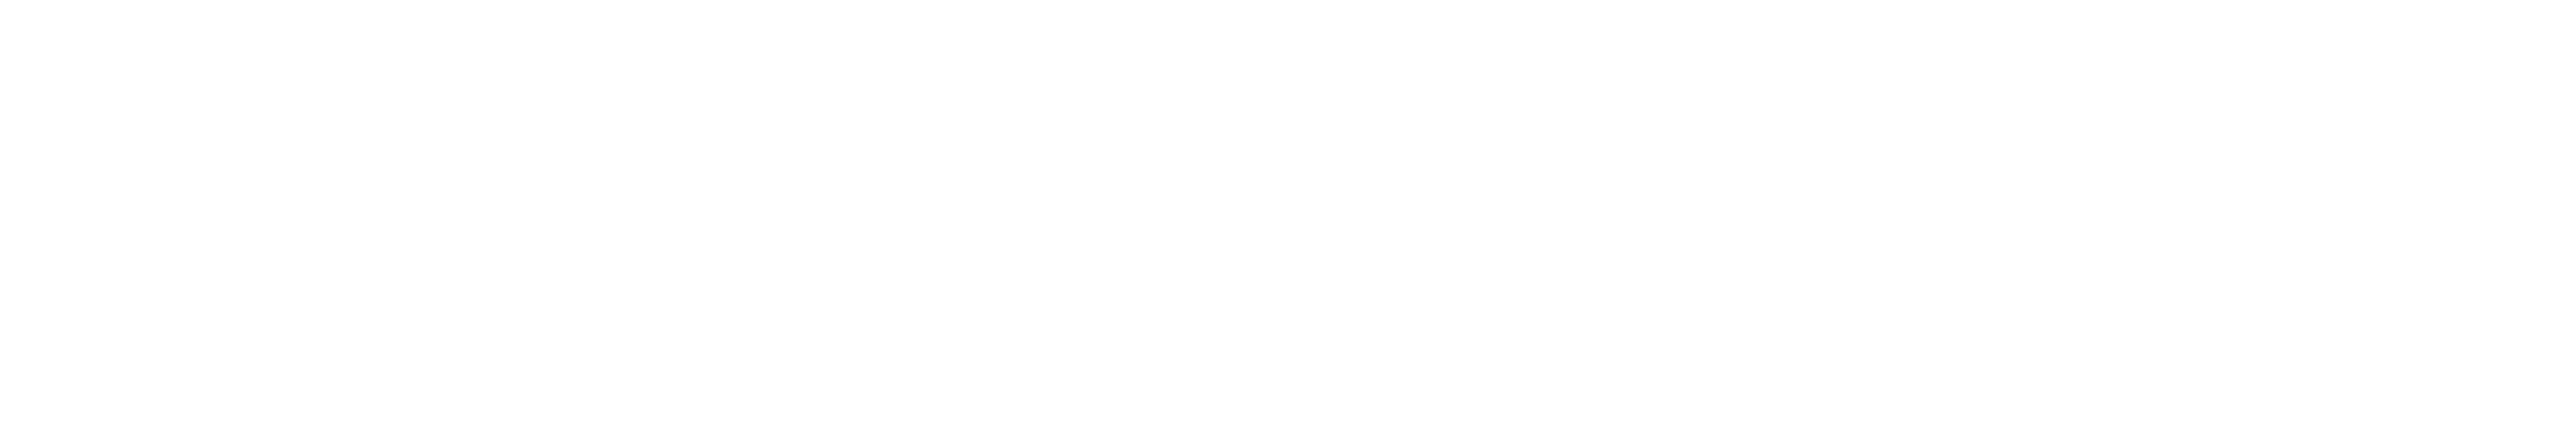 Feinschmeckerfolk